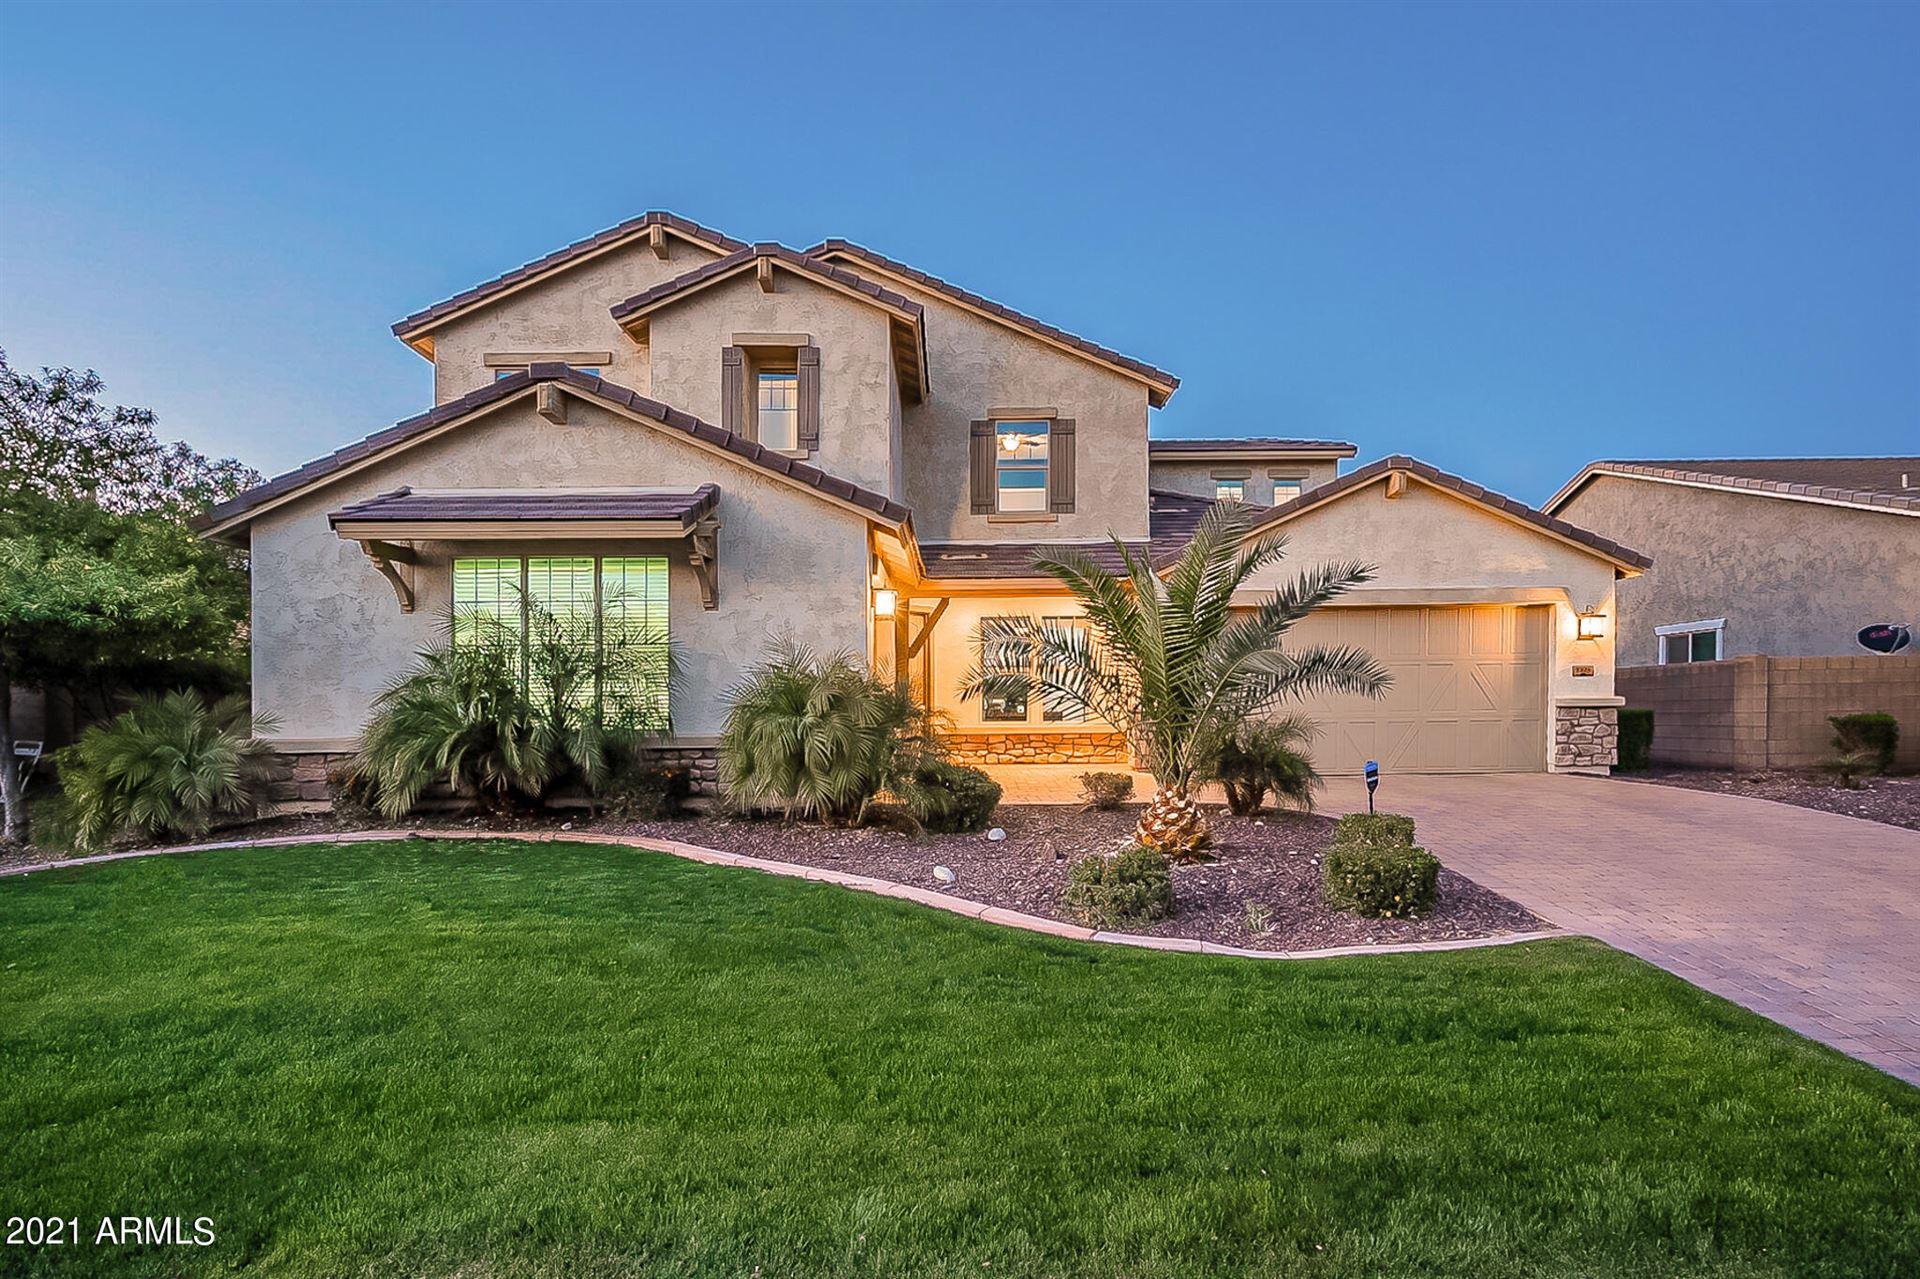 9324 W VIA DEL SOL --, Peoria, AZ 85383 - MLS#: 6200698